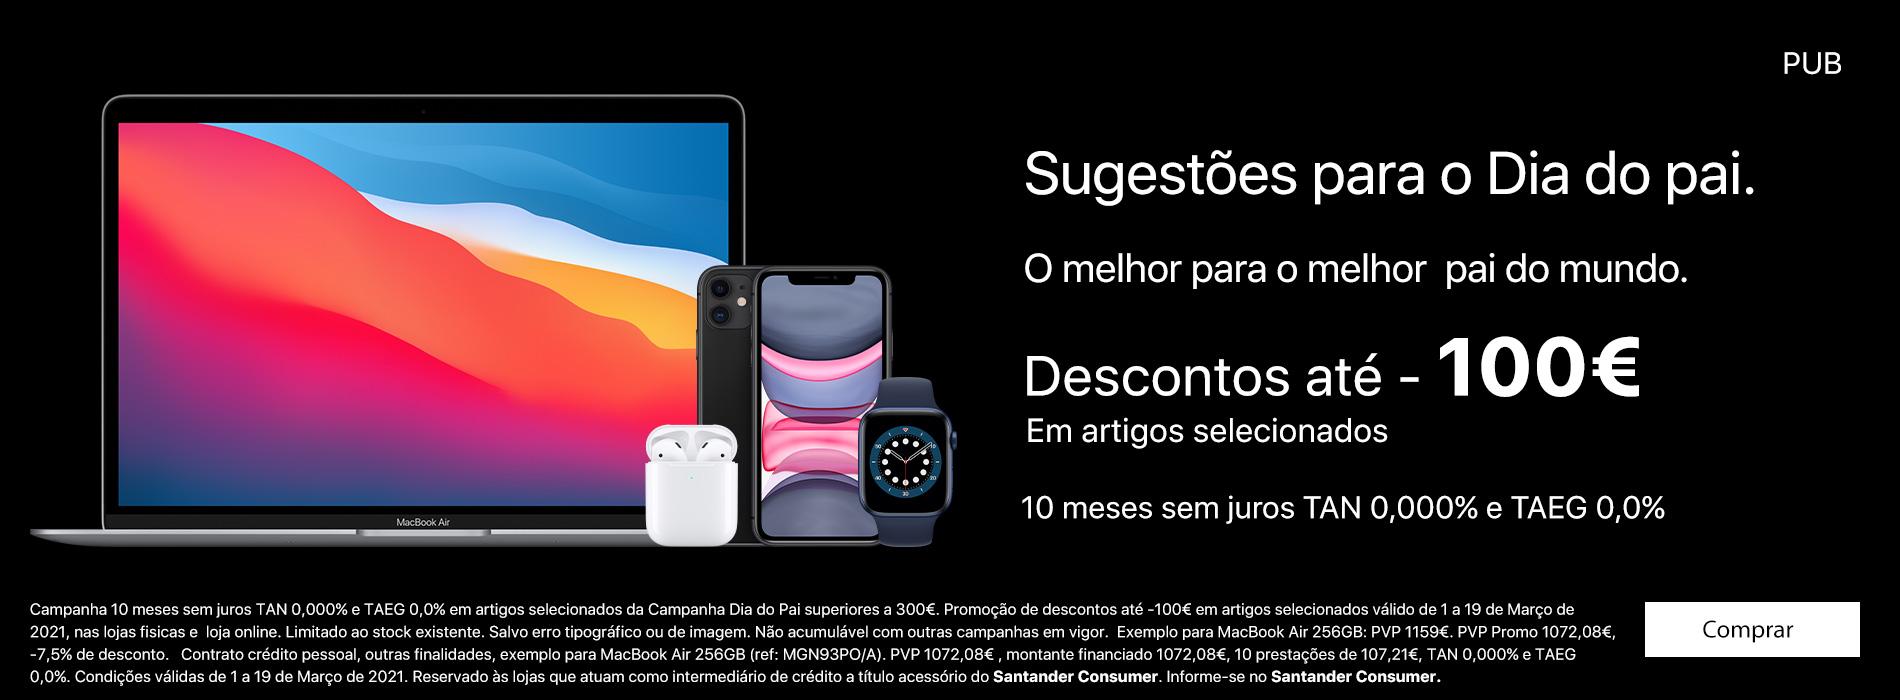 Homepage Slideshow - Dia do Pai